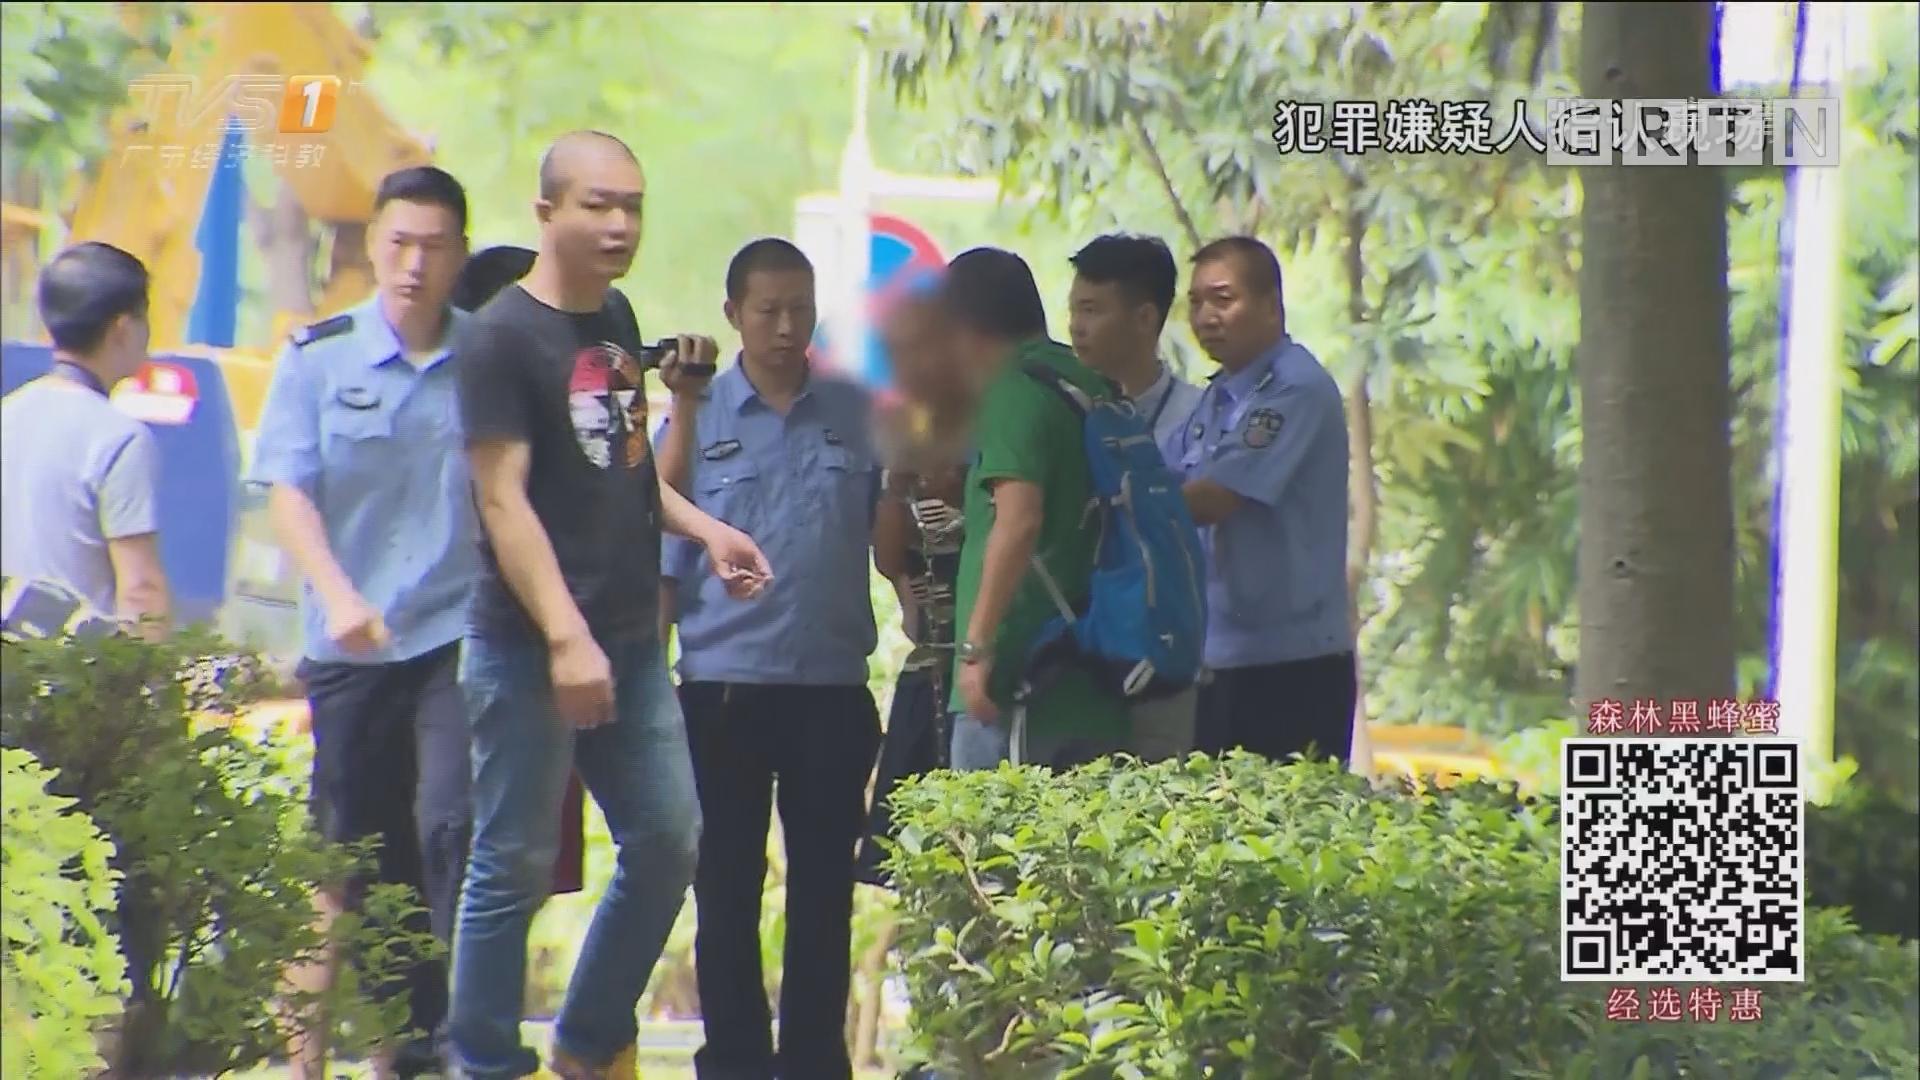 广州公安通报一起持刀伤人案 嫌疑人已被抓获